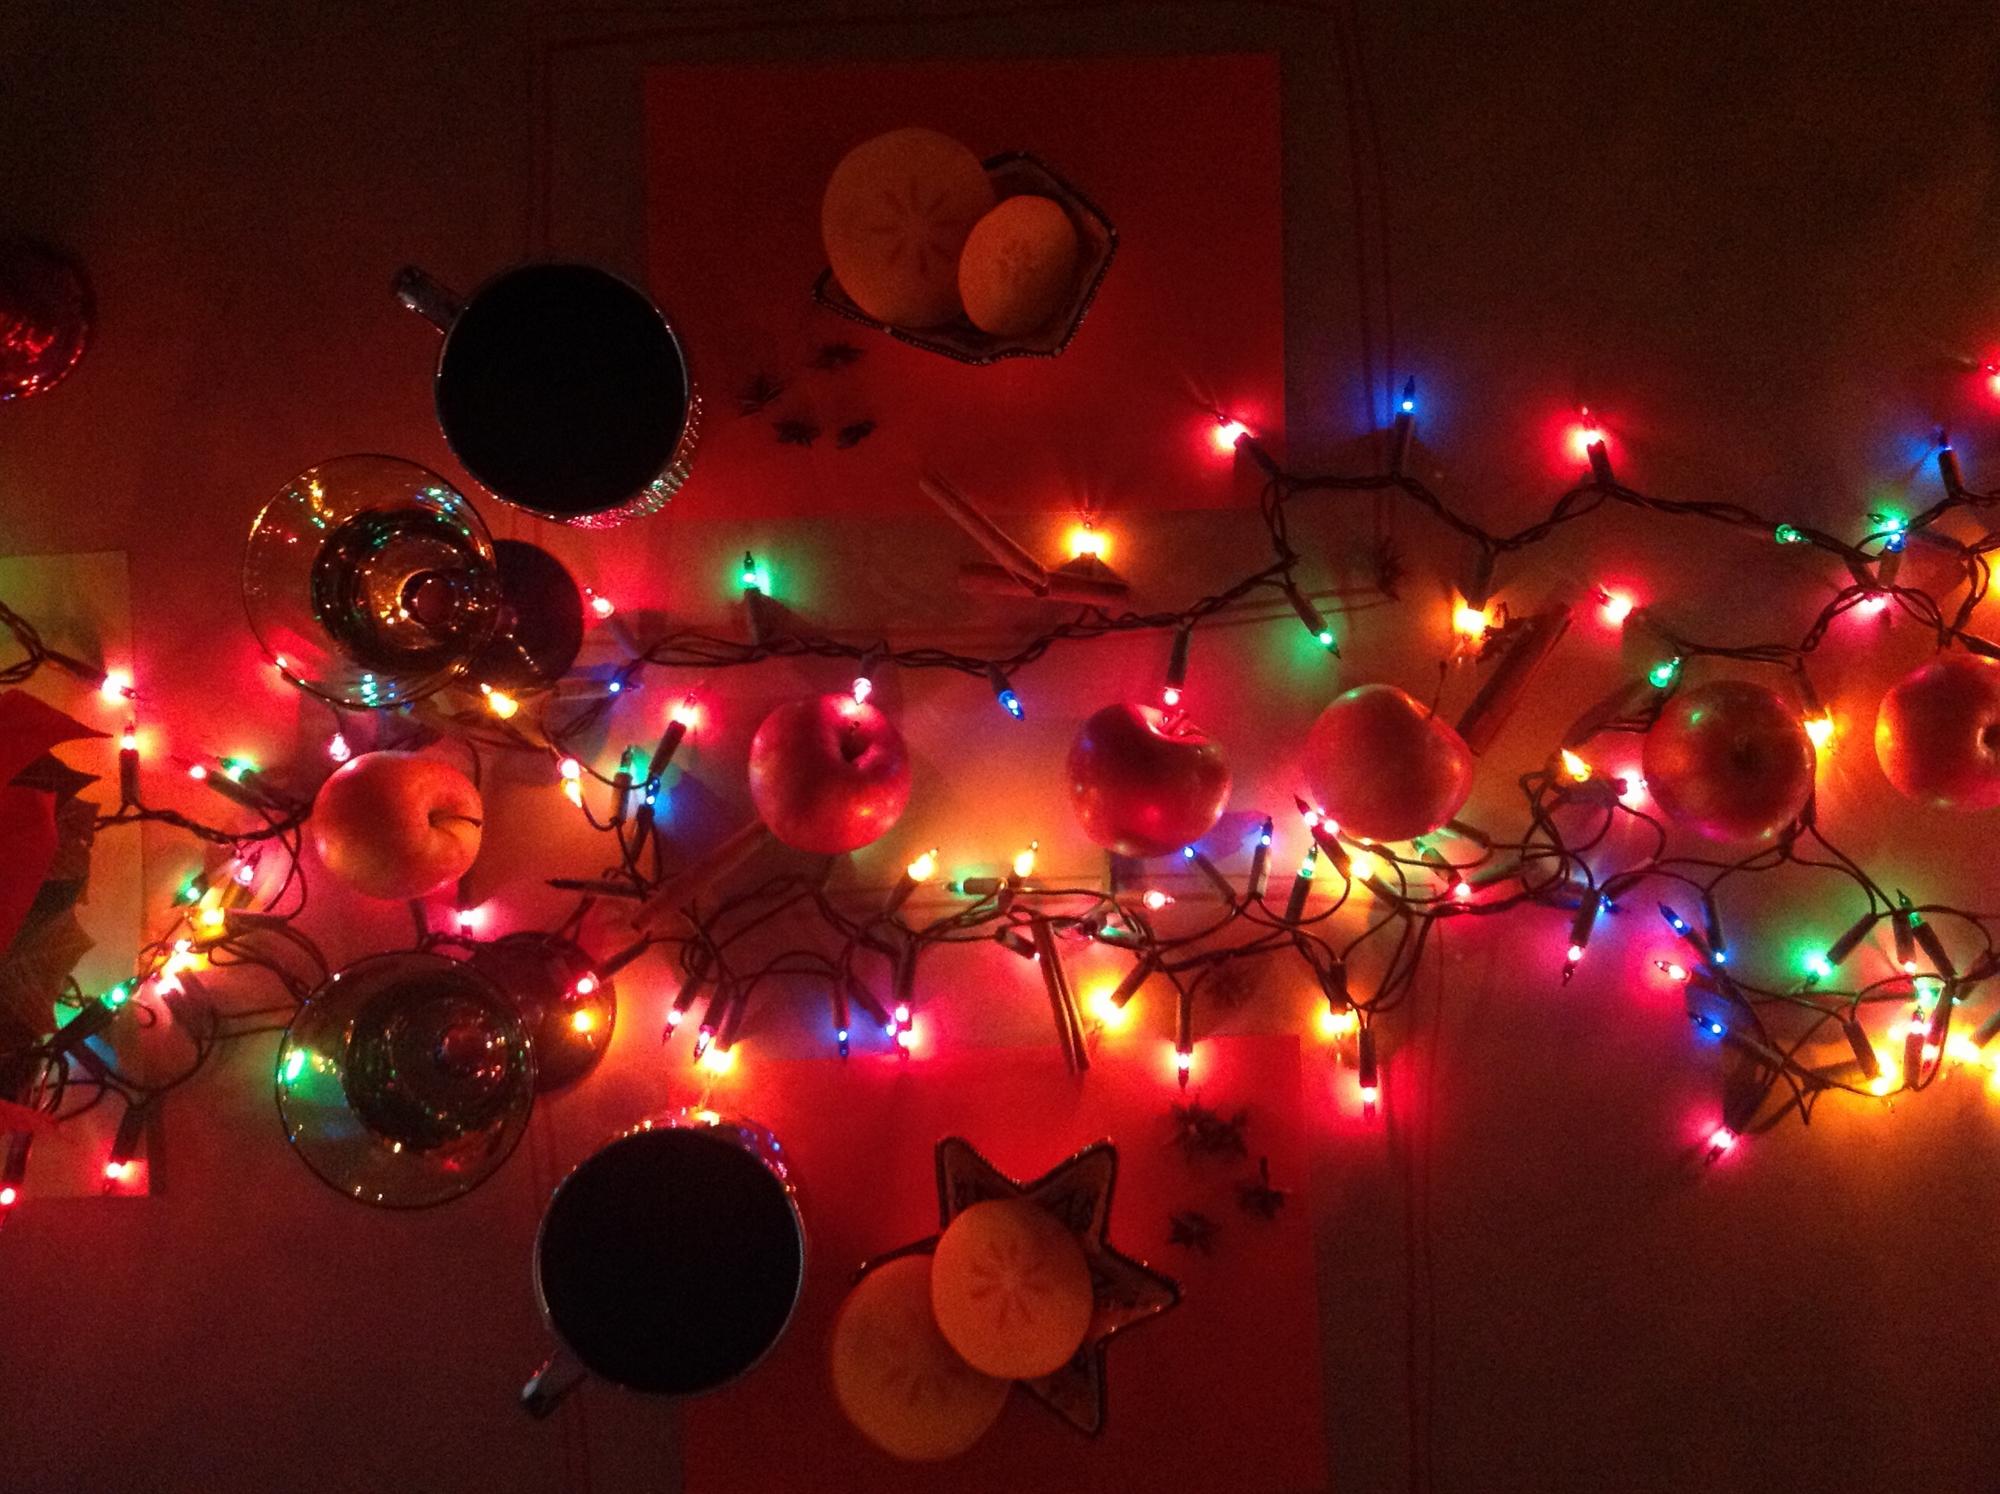 7 gwiazda_betlejemska_boze_narodzenie_wigilia_dekoracje_stol_na_swieta_pomysly_christmas_decorationg_ideas_home_decor_interio_design_holiday_table_setting_forelements_blog